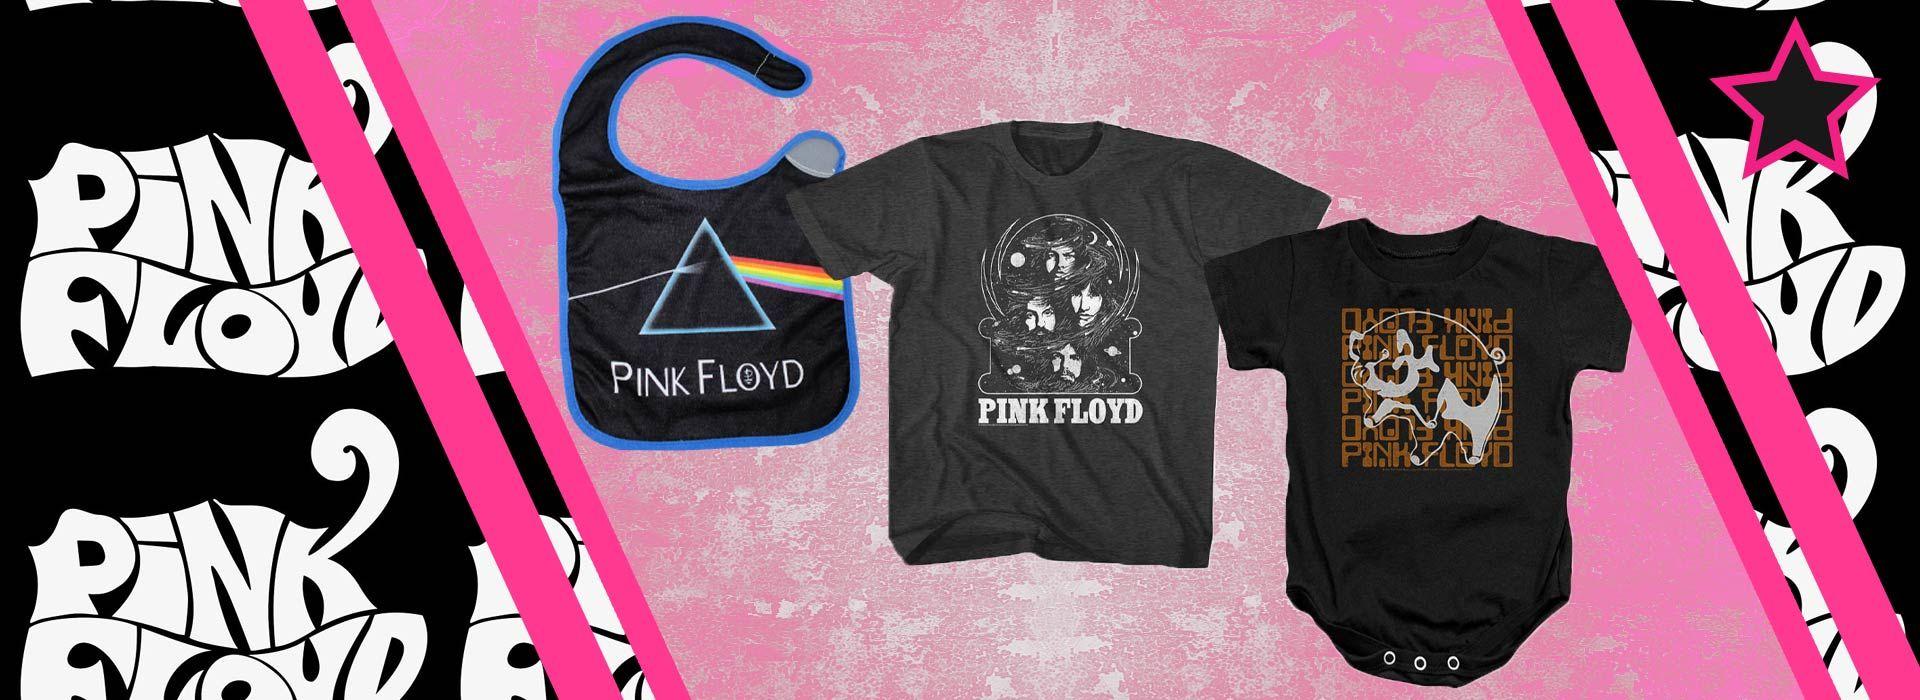 Pink Floyd baby en kinder kleding.